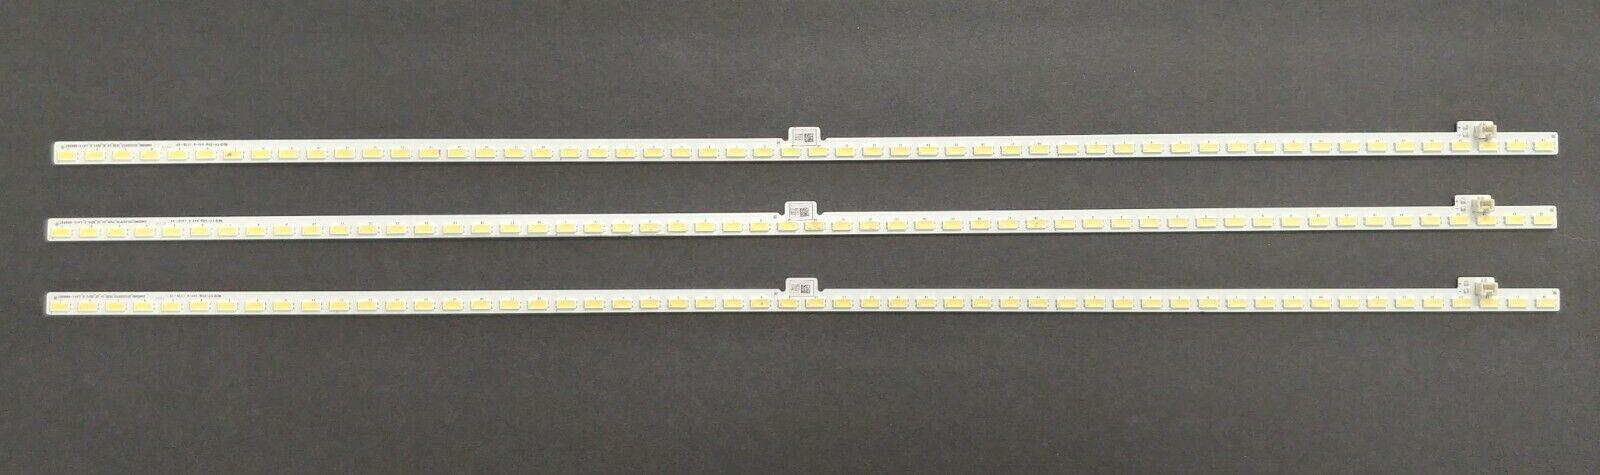 GRENFAS/_LED Backlight Strip 7 lamp for Sharp 65 TV Everlight LBM650M0701-DZ-1 E365813 YFPCB-1 LC-65P8000U